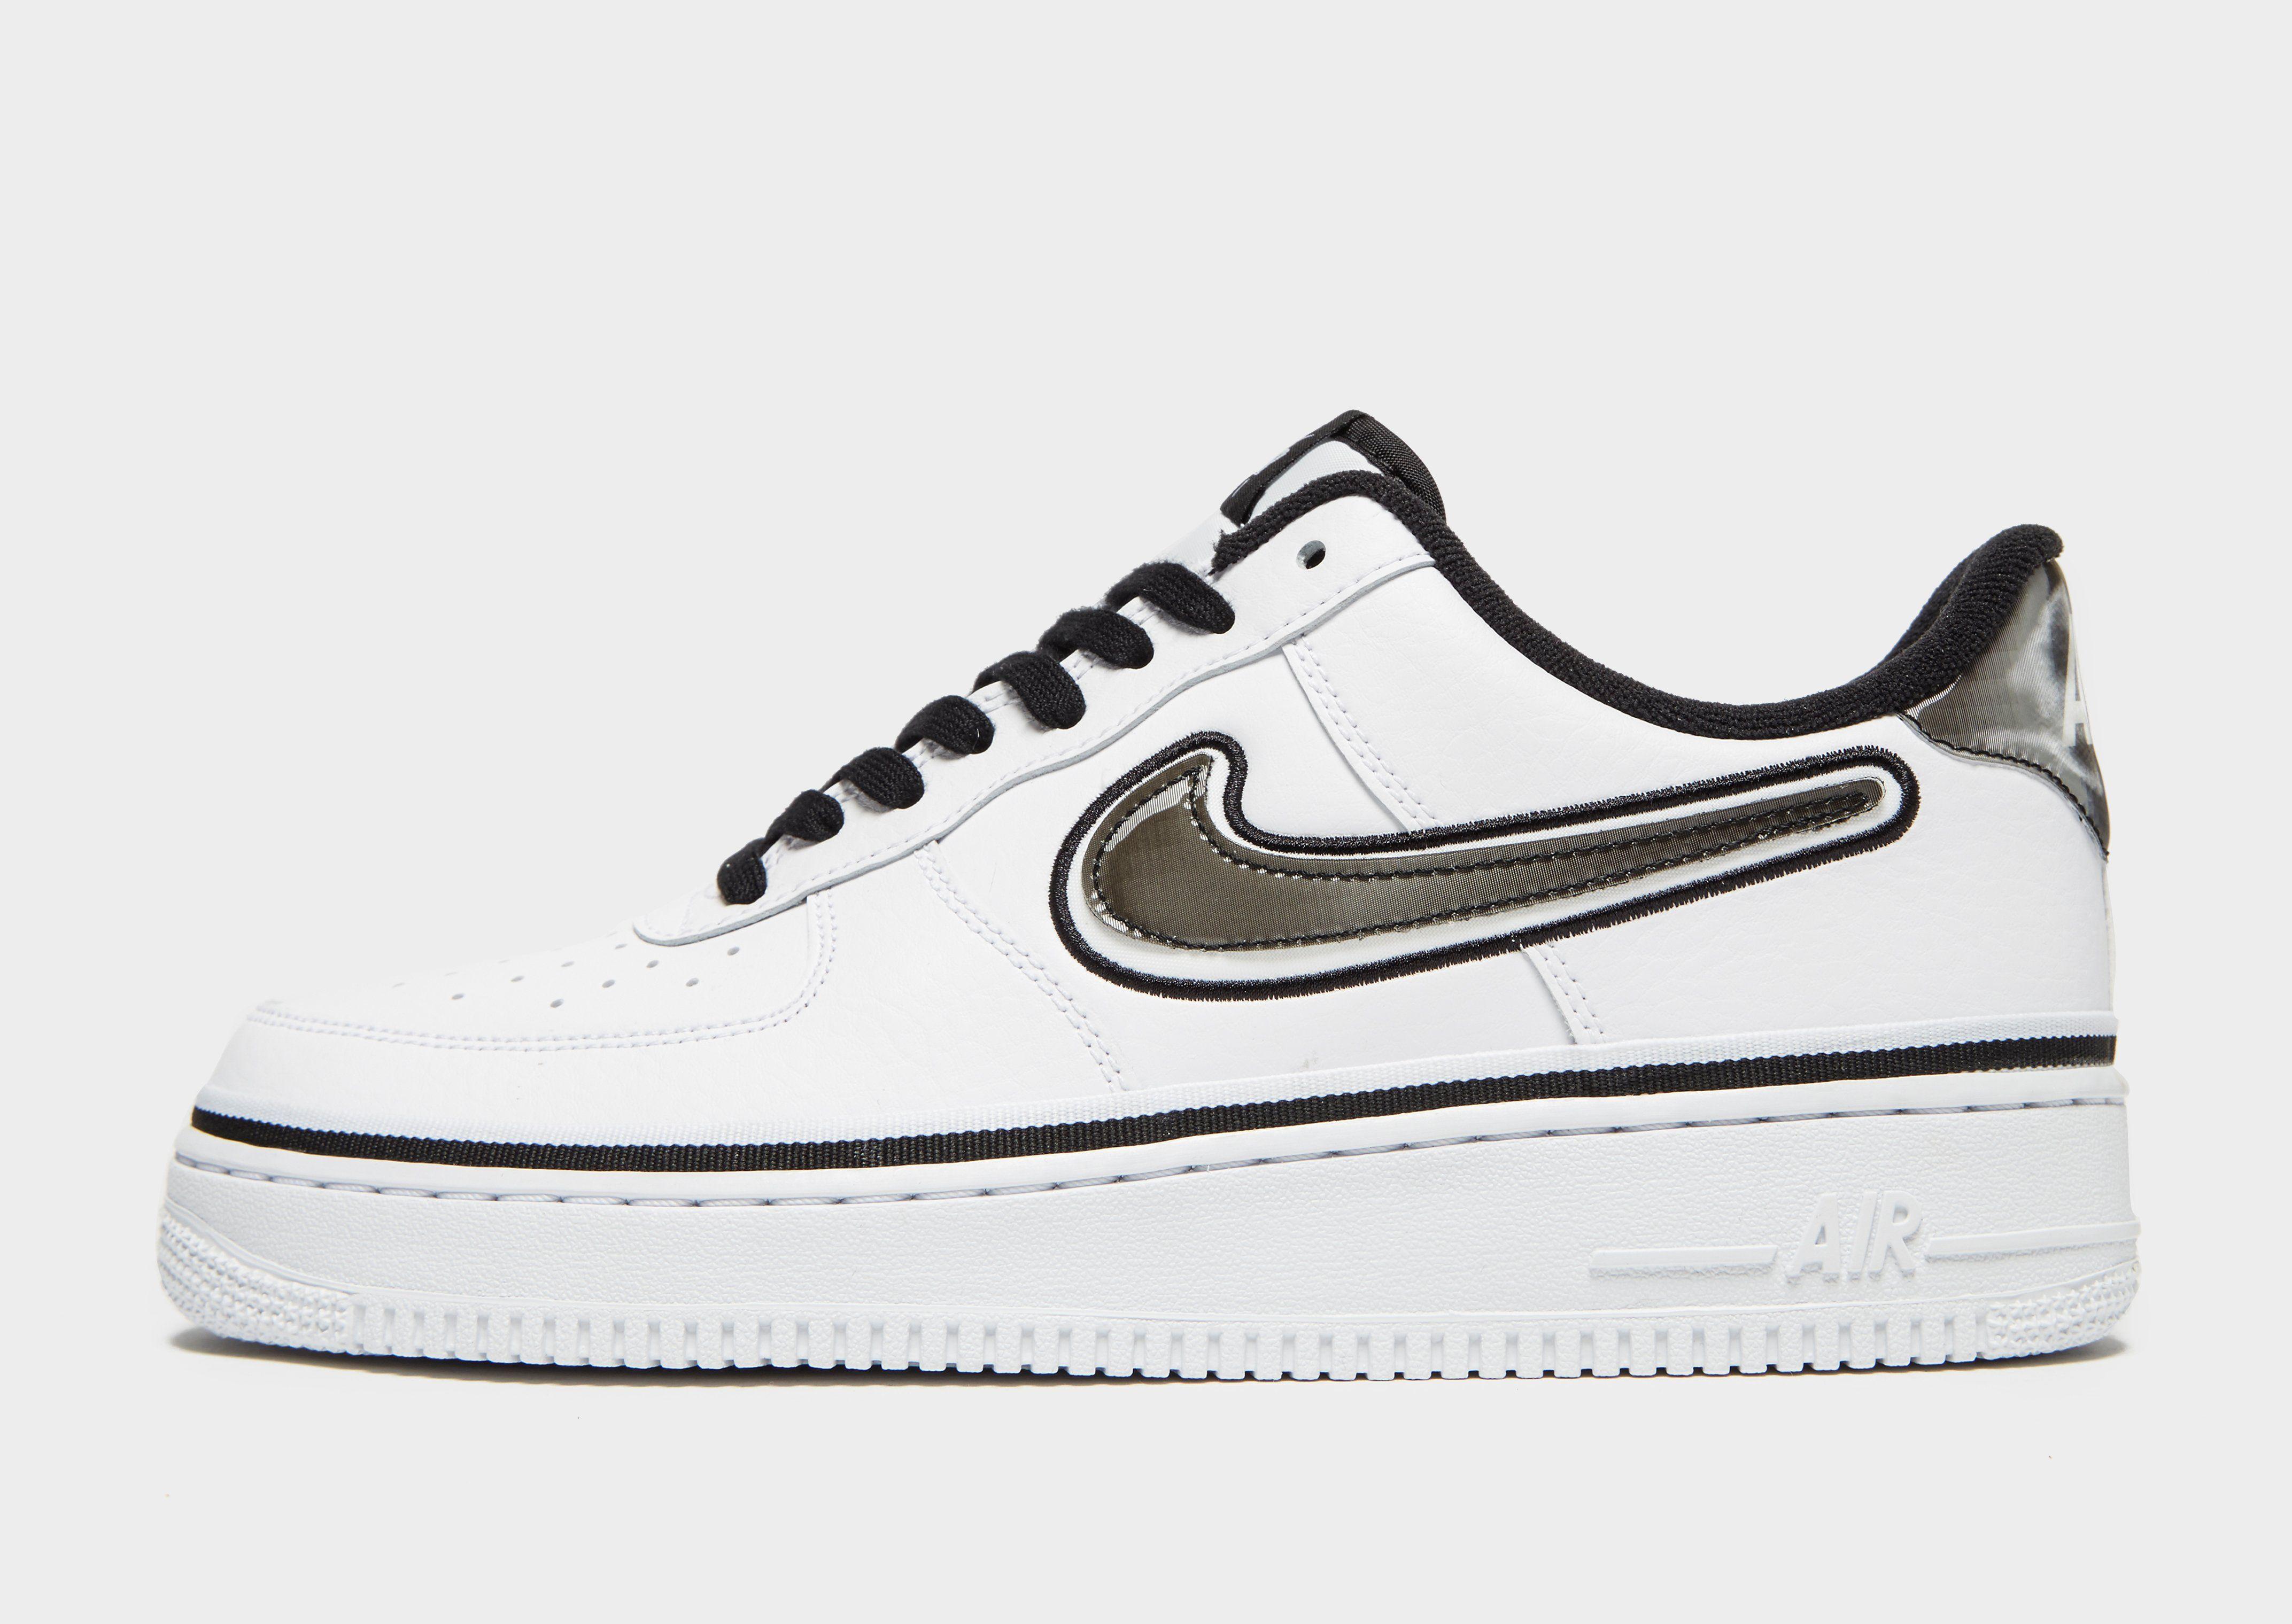 Nike Air Force 1 Low '07 LV8 'NBA'